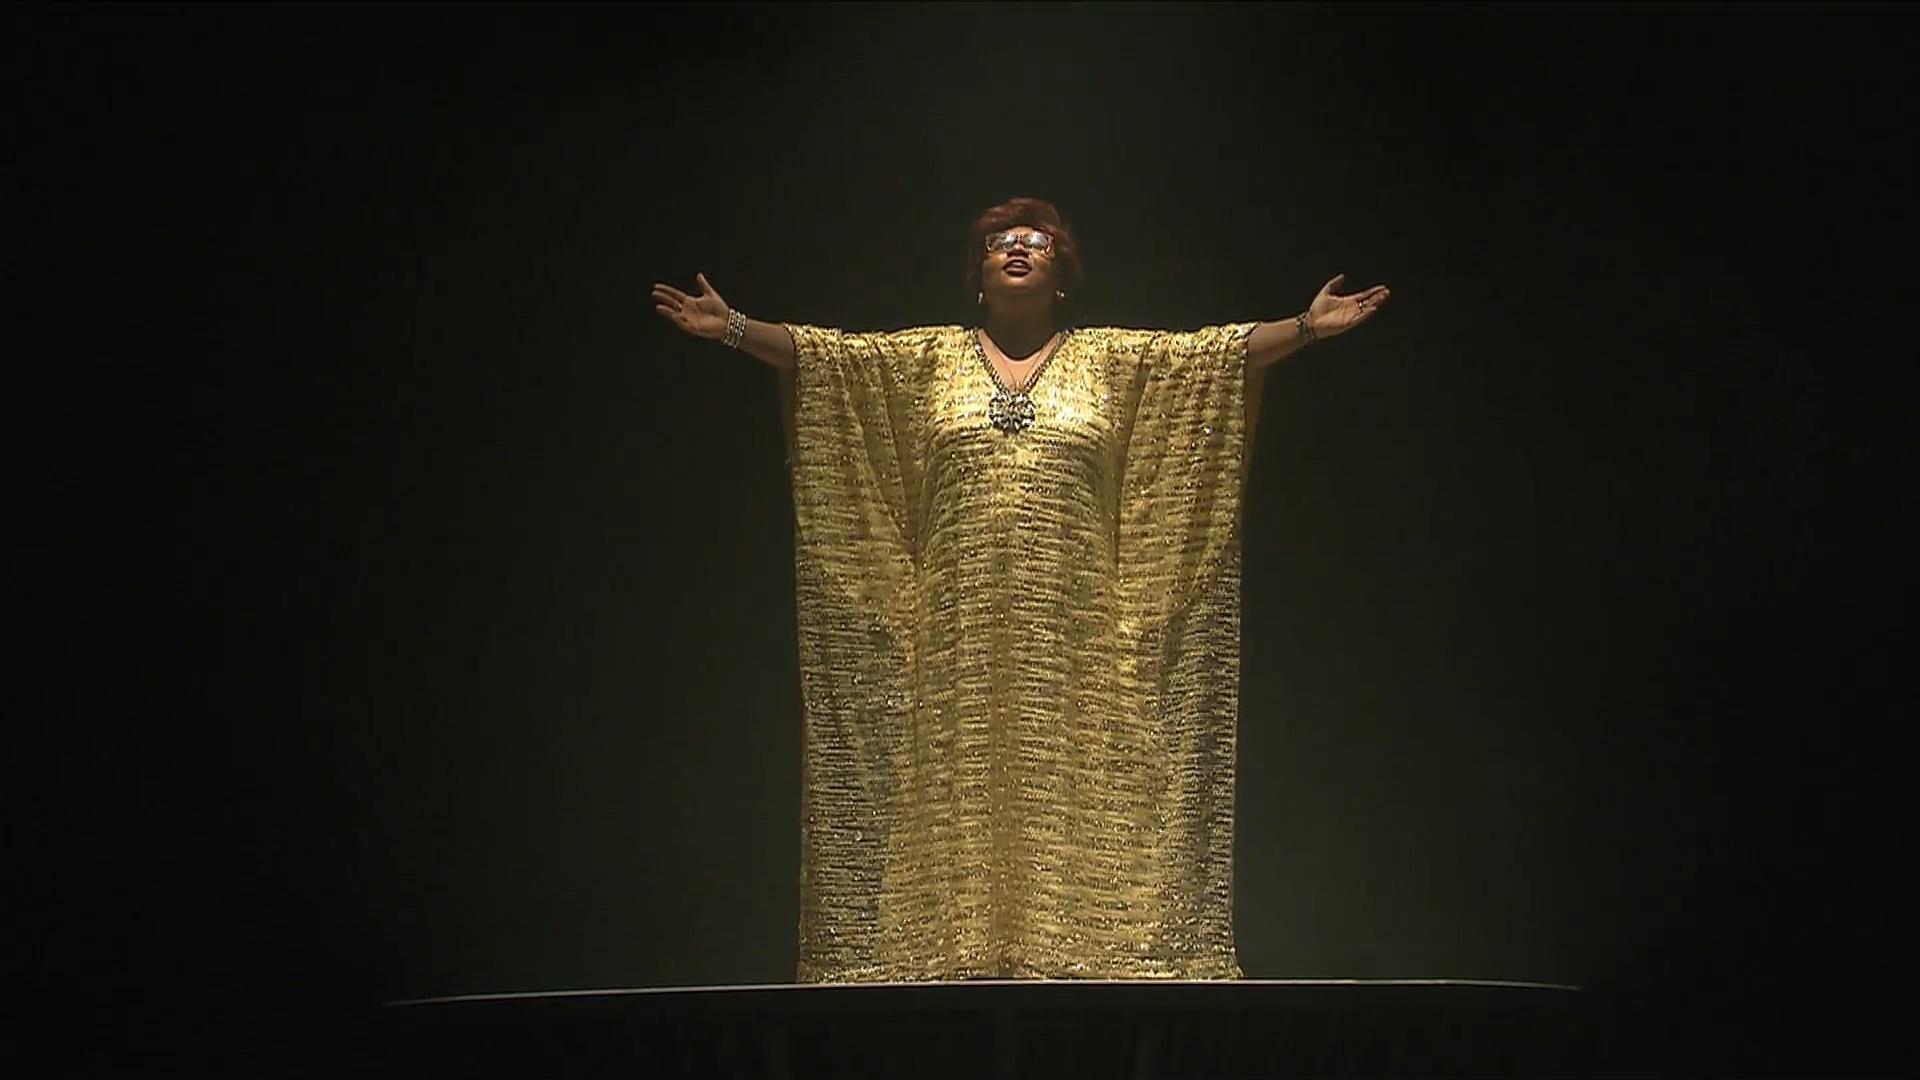 TV Brasil na Semana da Consciência Negra apresenta especial com Dona Ivone Lara | : : CidadeMarketing : :